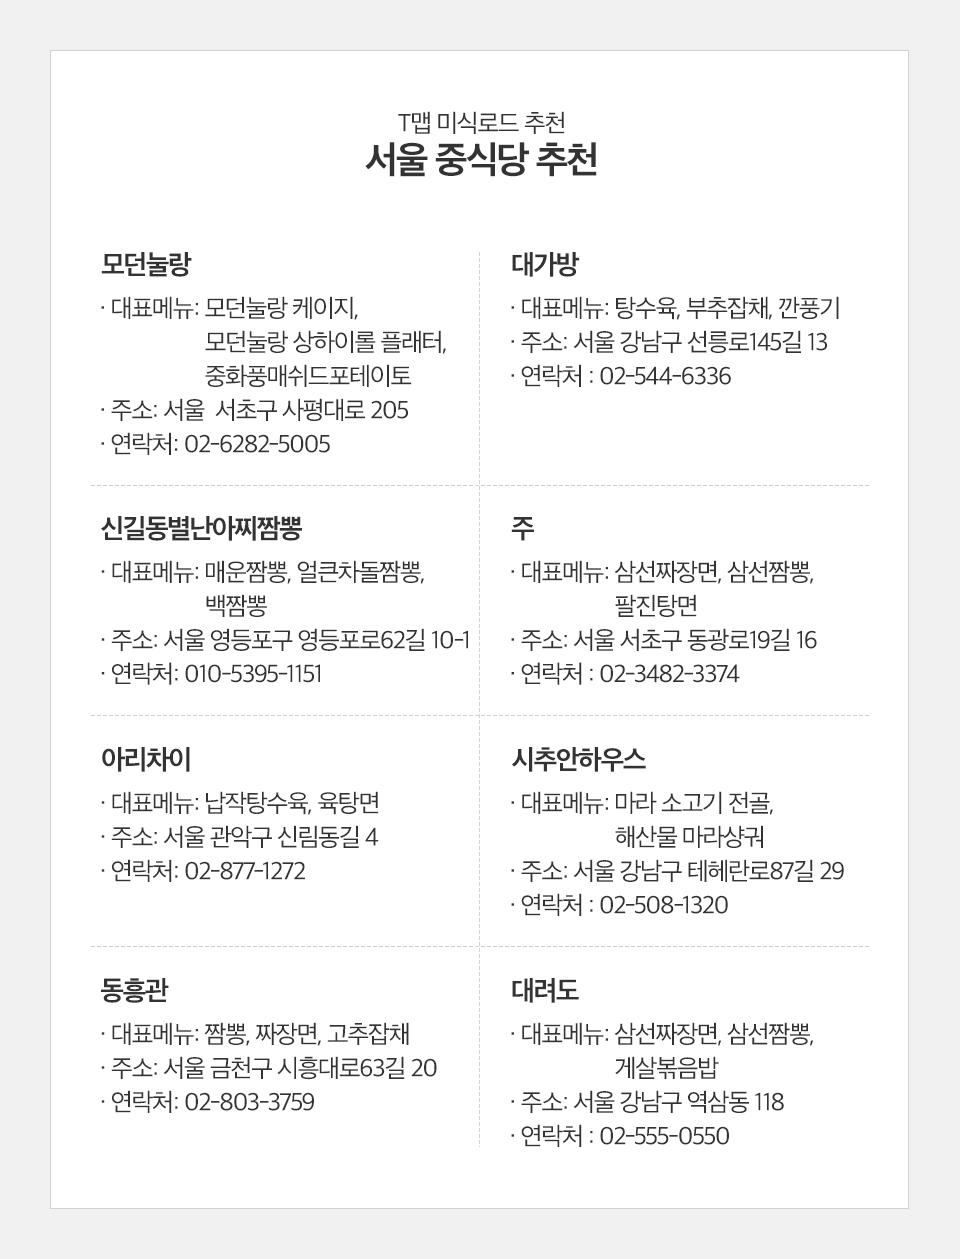 서울 중식당 추천, 티맵미식로드, T맵미식로드, Tmaptastyroad